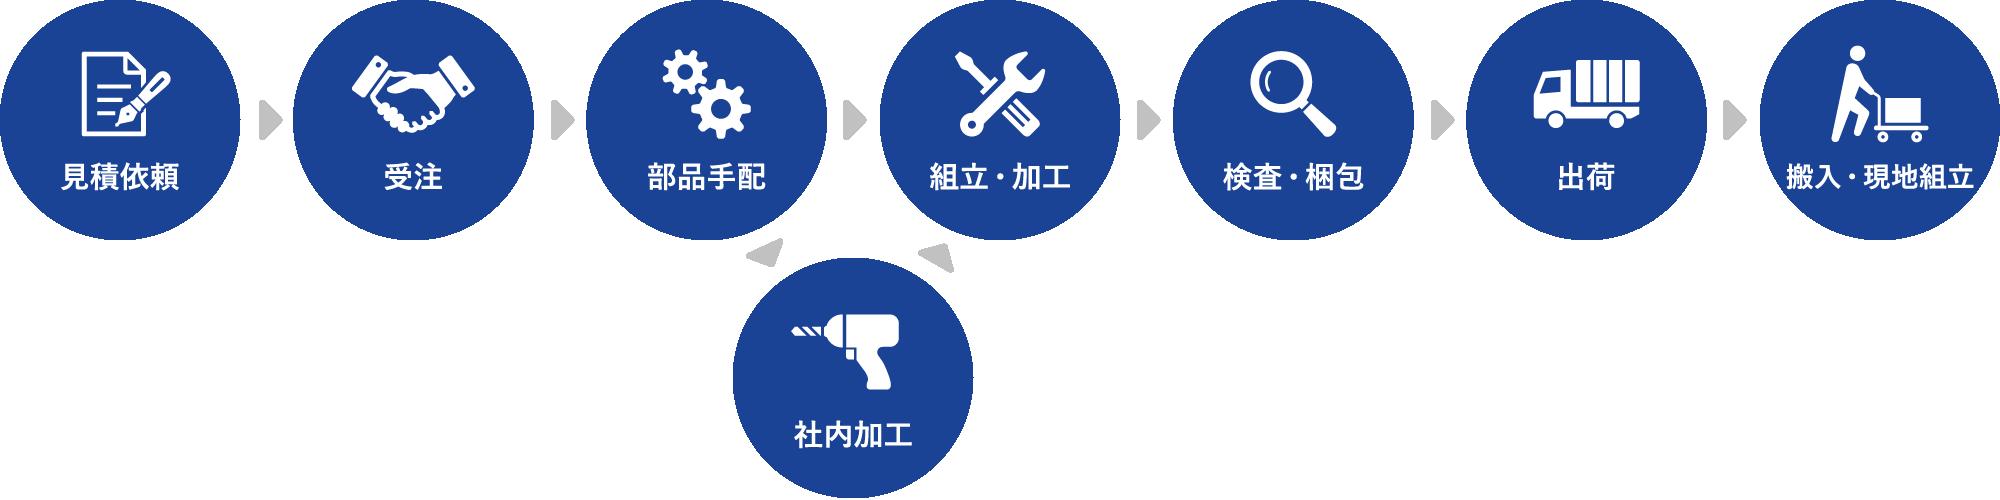 見積依頼→受注→部品手配→社内加工(ある場合)→組立・加工→検査・梱包→出荷→搬入・現地組立